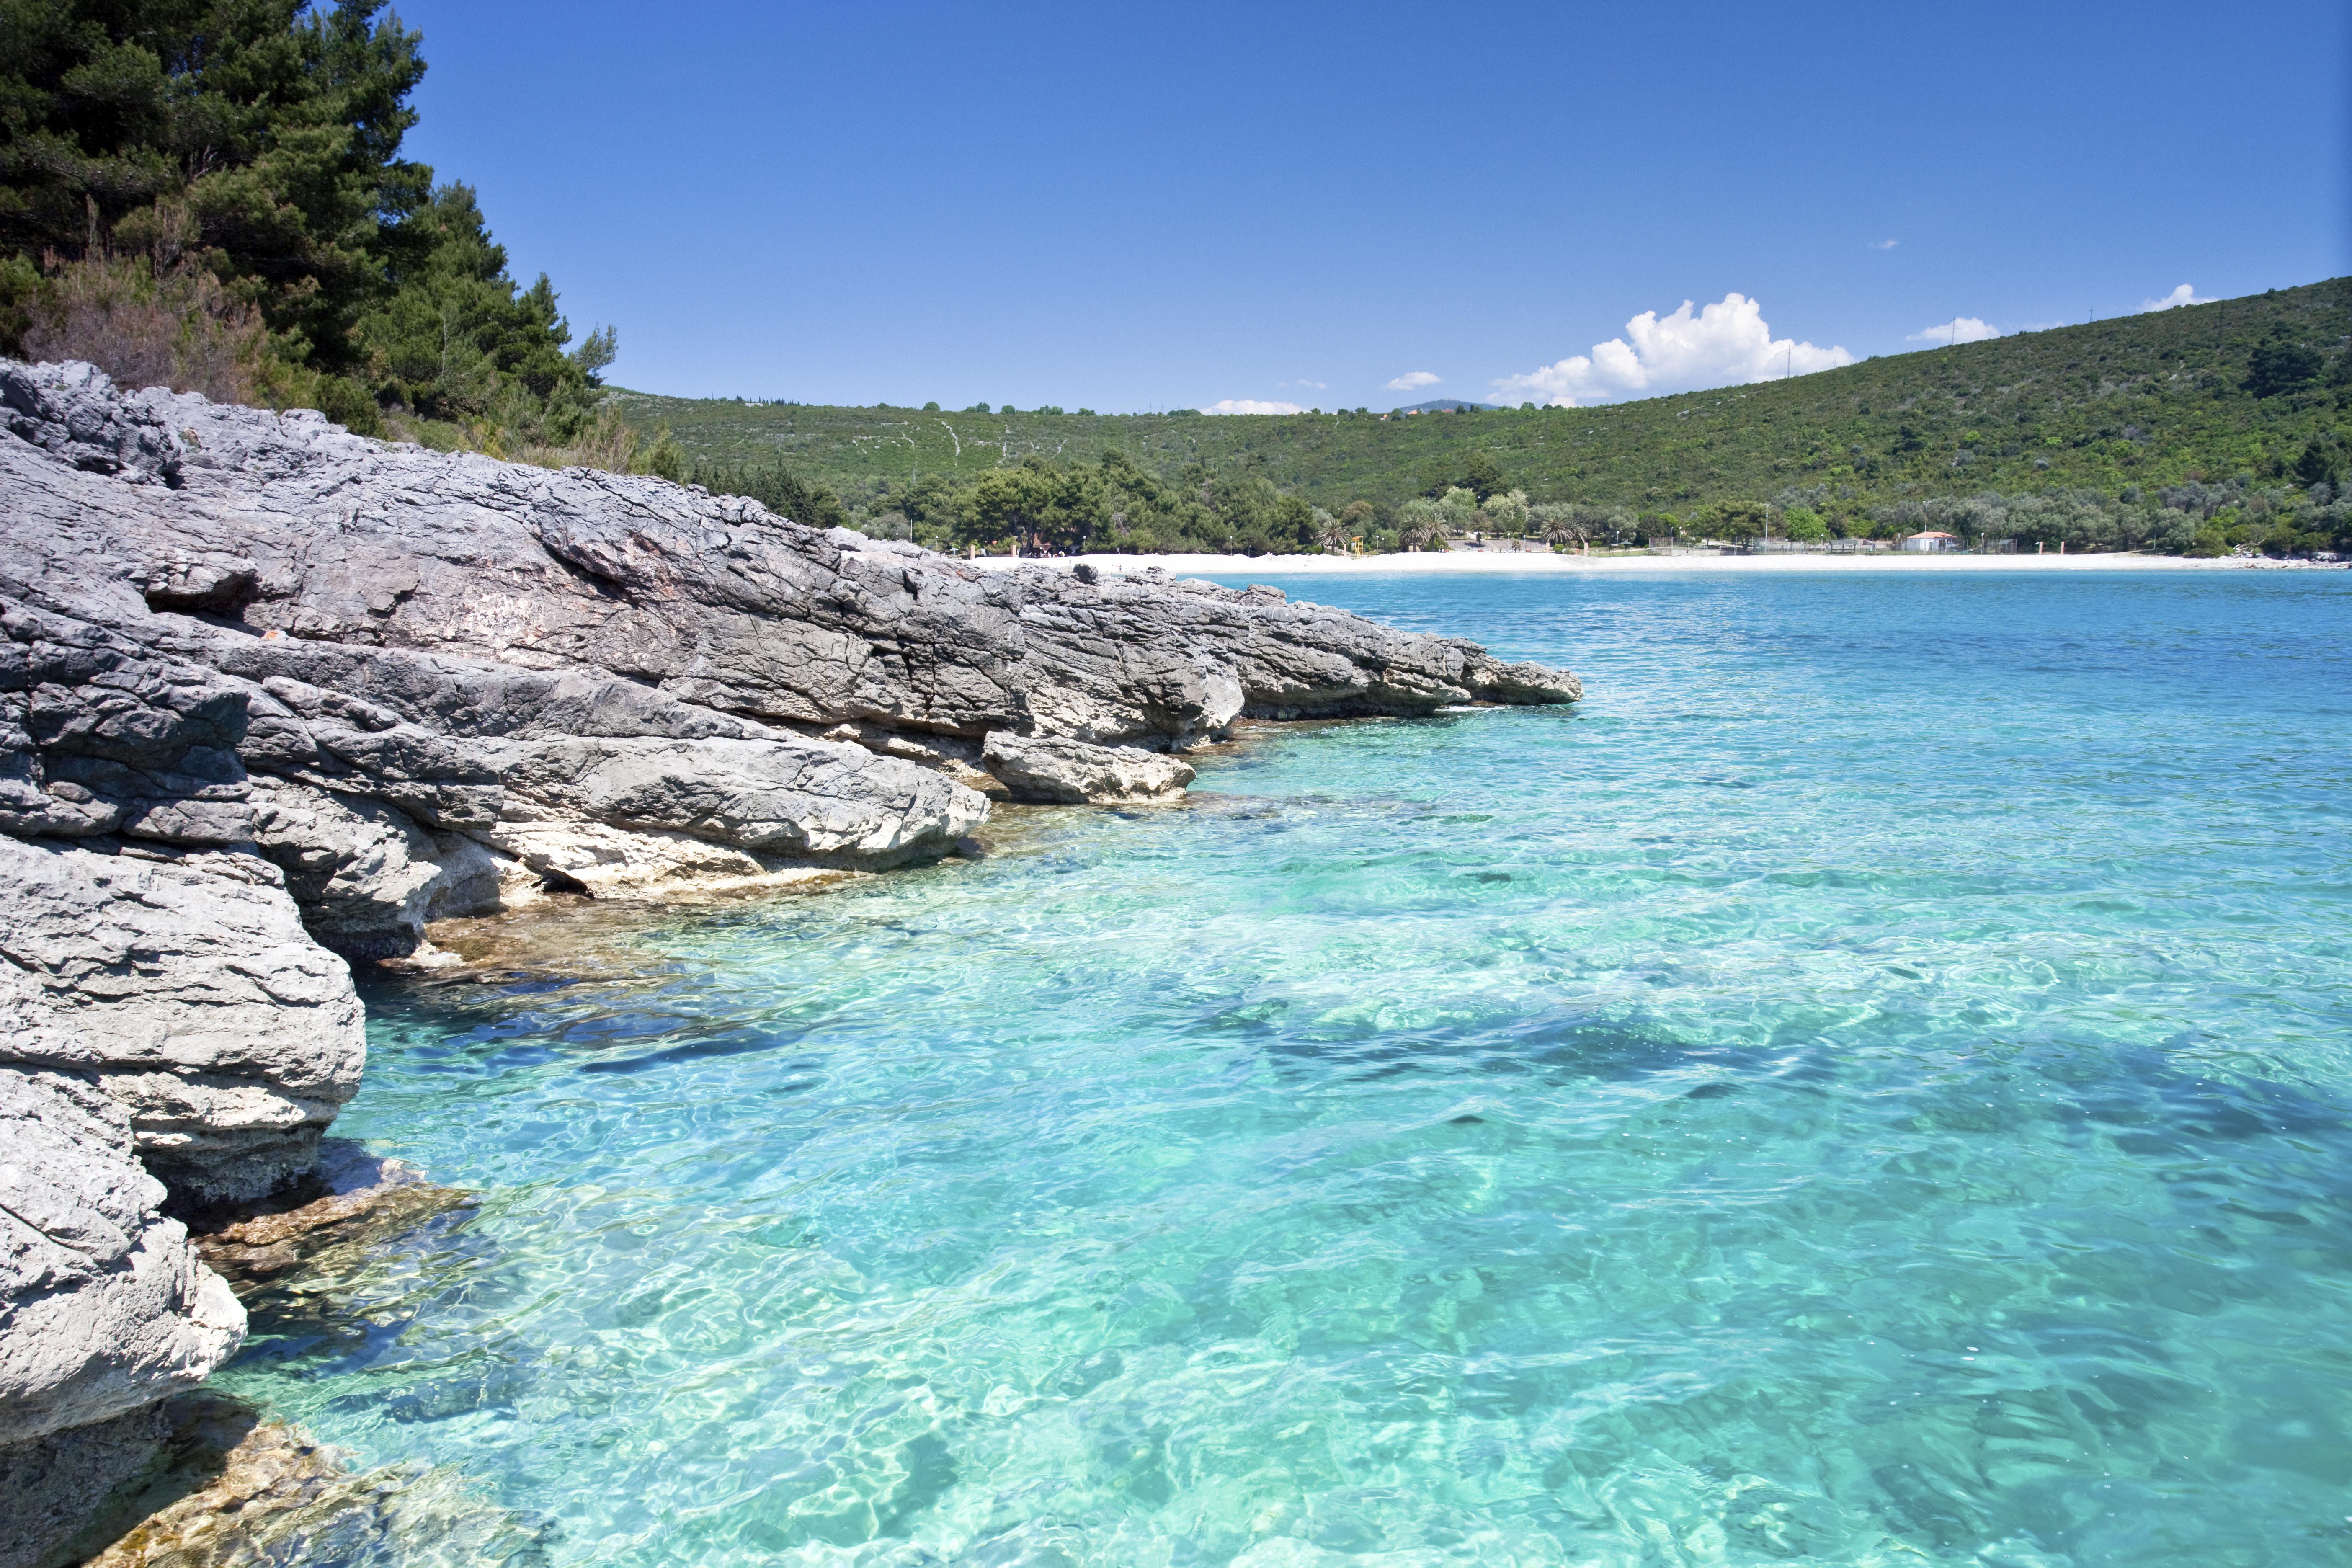 Aqua bay, Montenegro